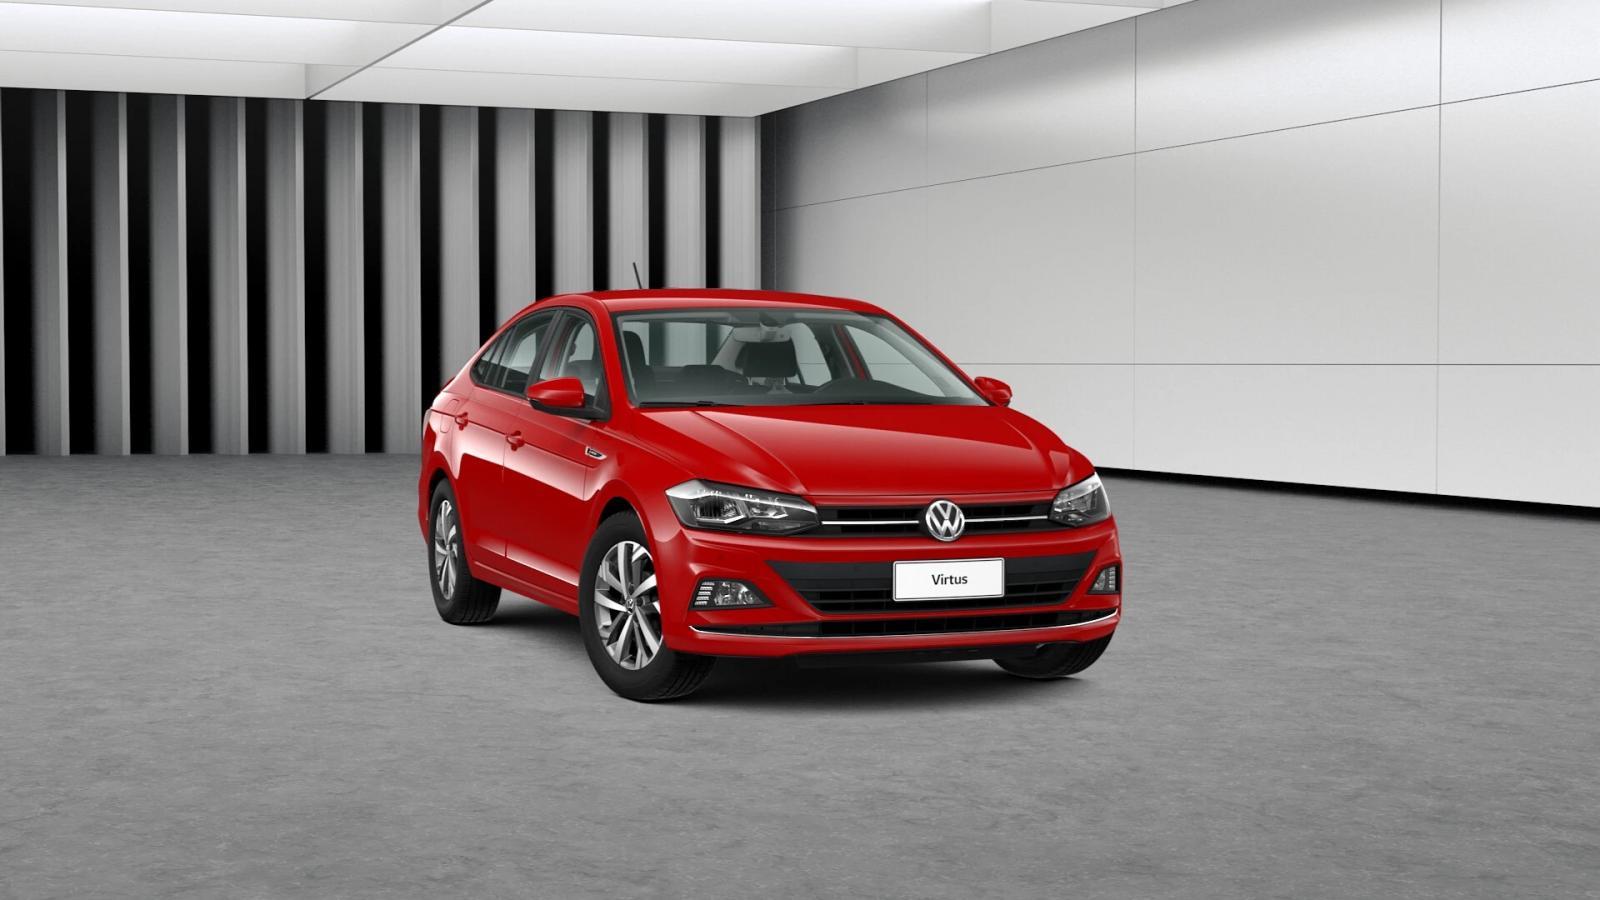 Volkswagen Virtus Precio rojo